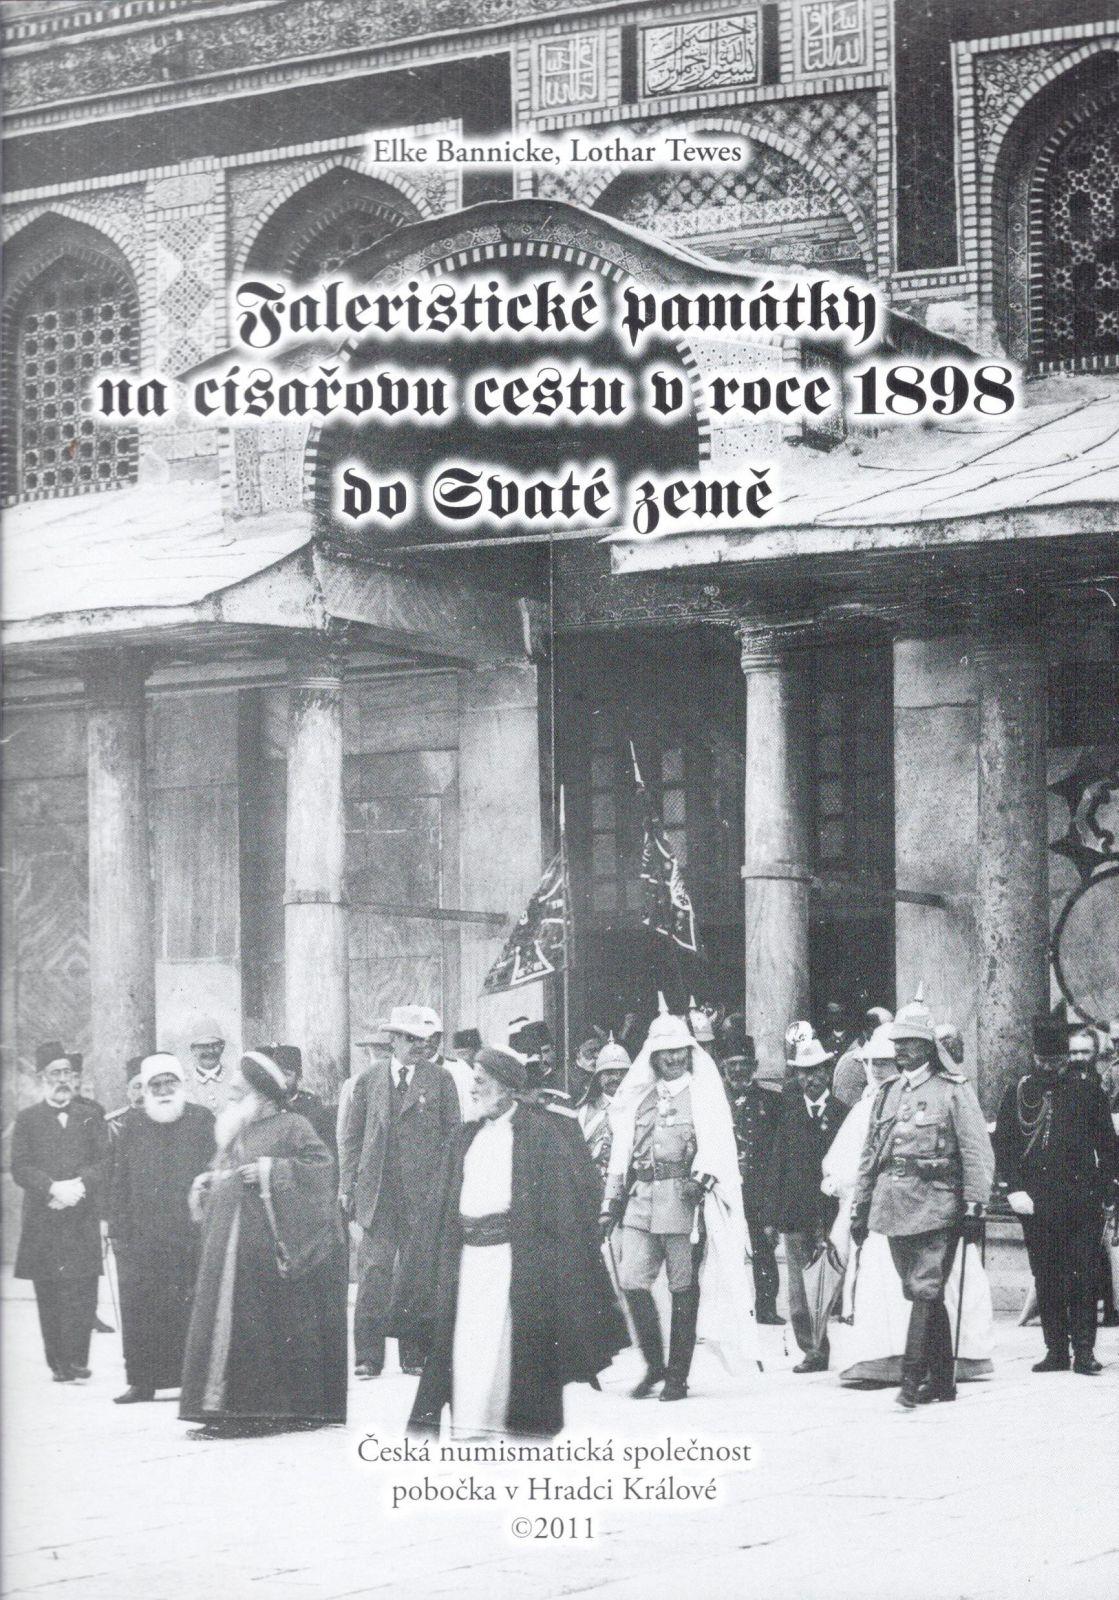 Faleristické památky na císařovu cestu v roce 1898 do Svaté země (2011), E.Bannicke a L.Tewes